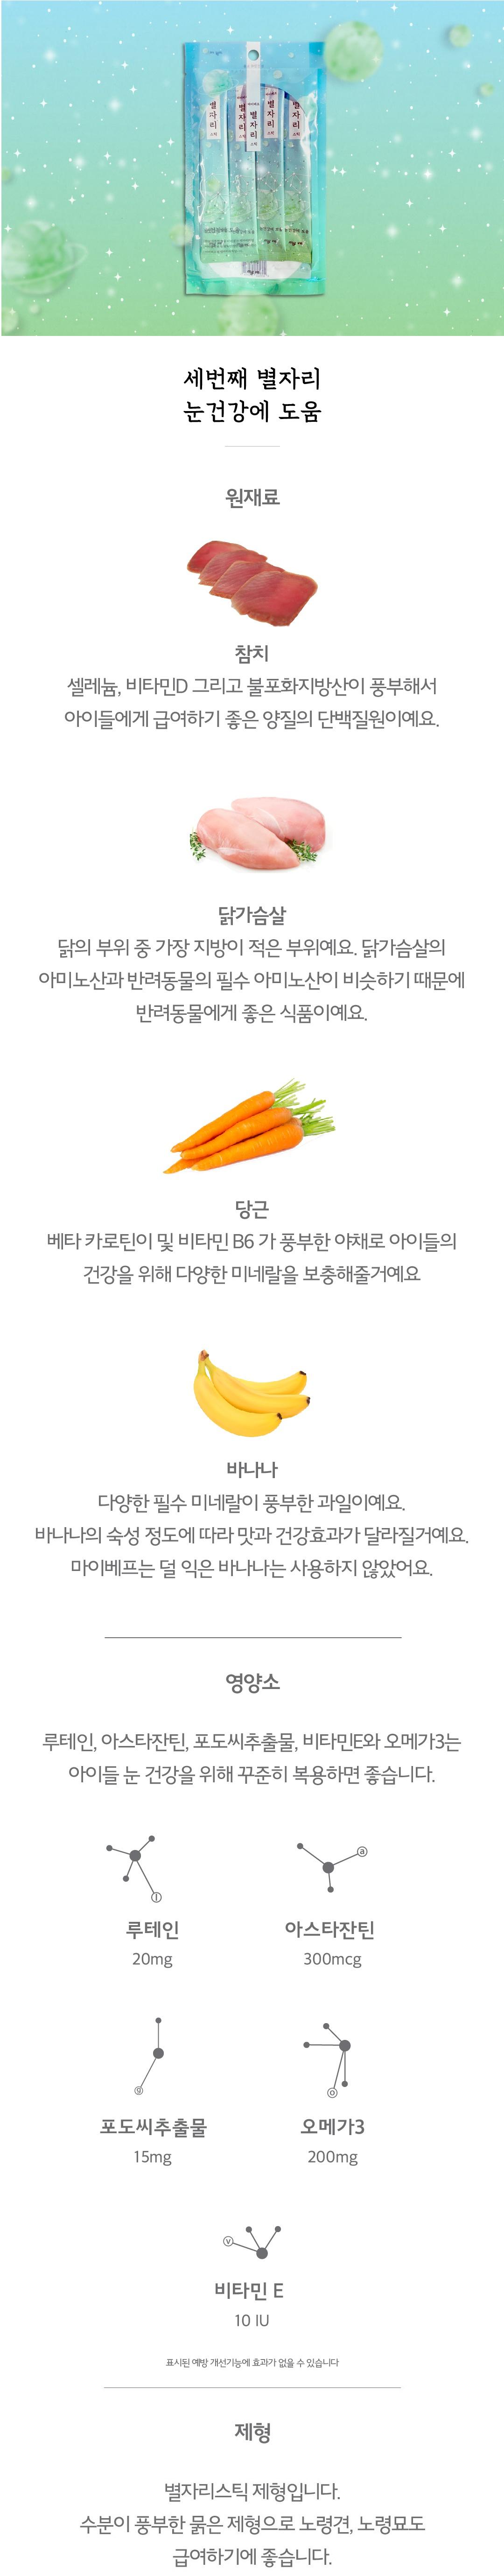 마이베프 별자리스틱 심장/눈/관절/멀티비타민 (15g*4p)-상품이미지-6